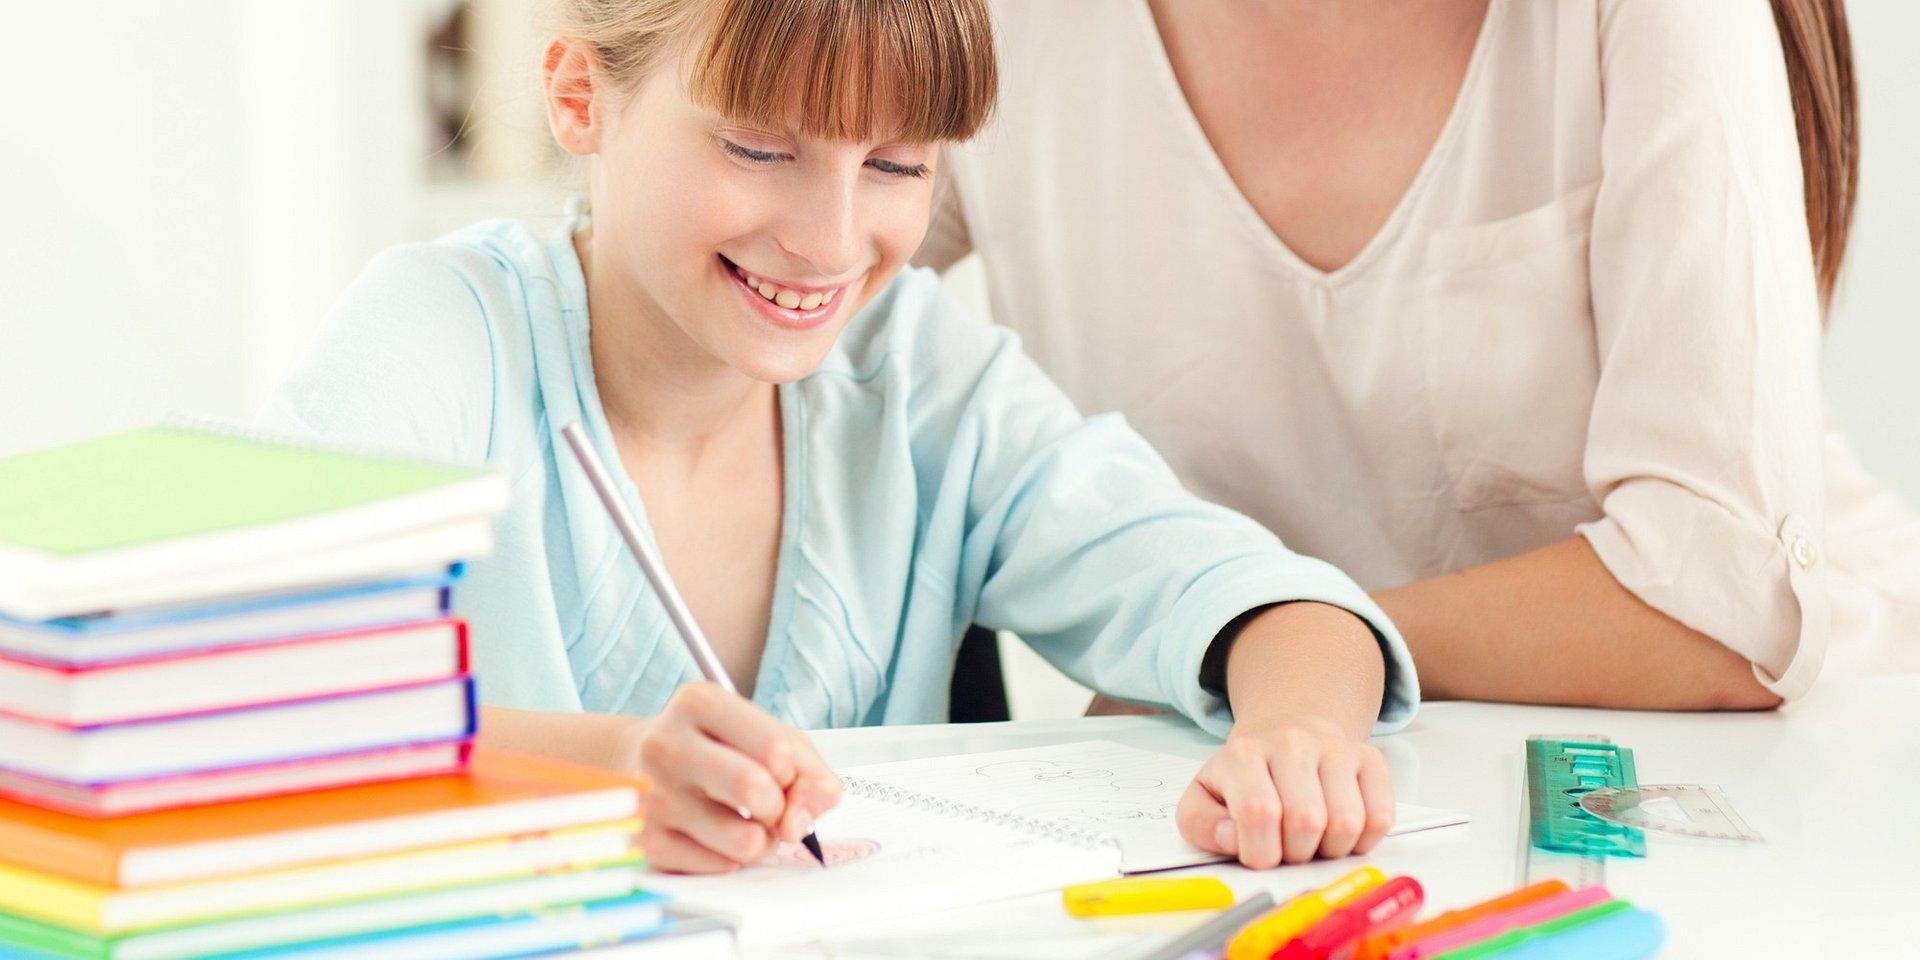 6 sposobów na obniżenie kosztów wydruku materiałów szkolnych w domu